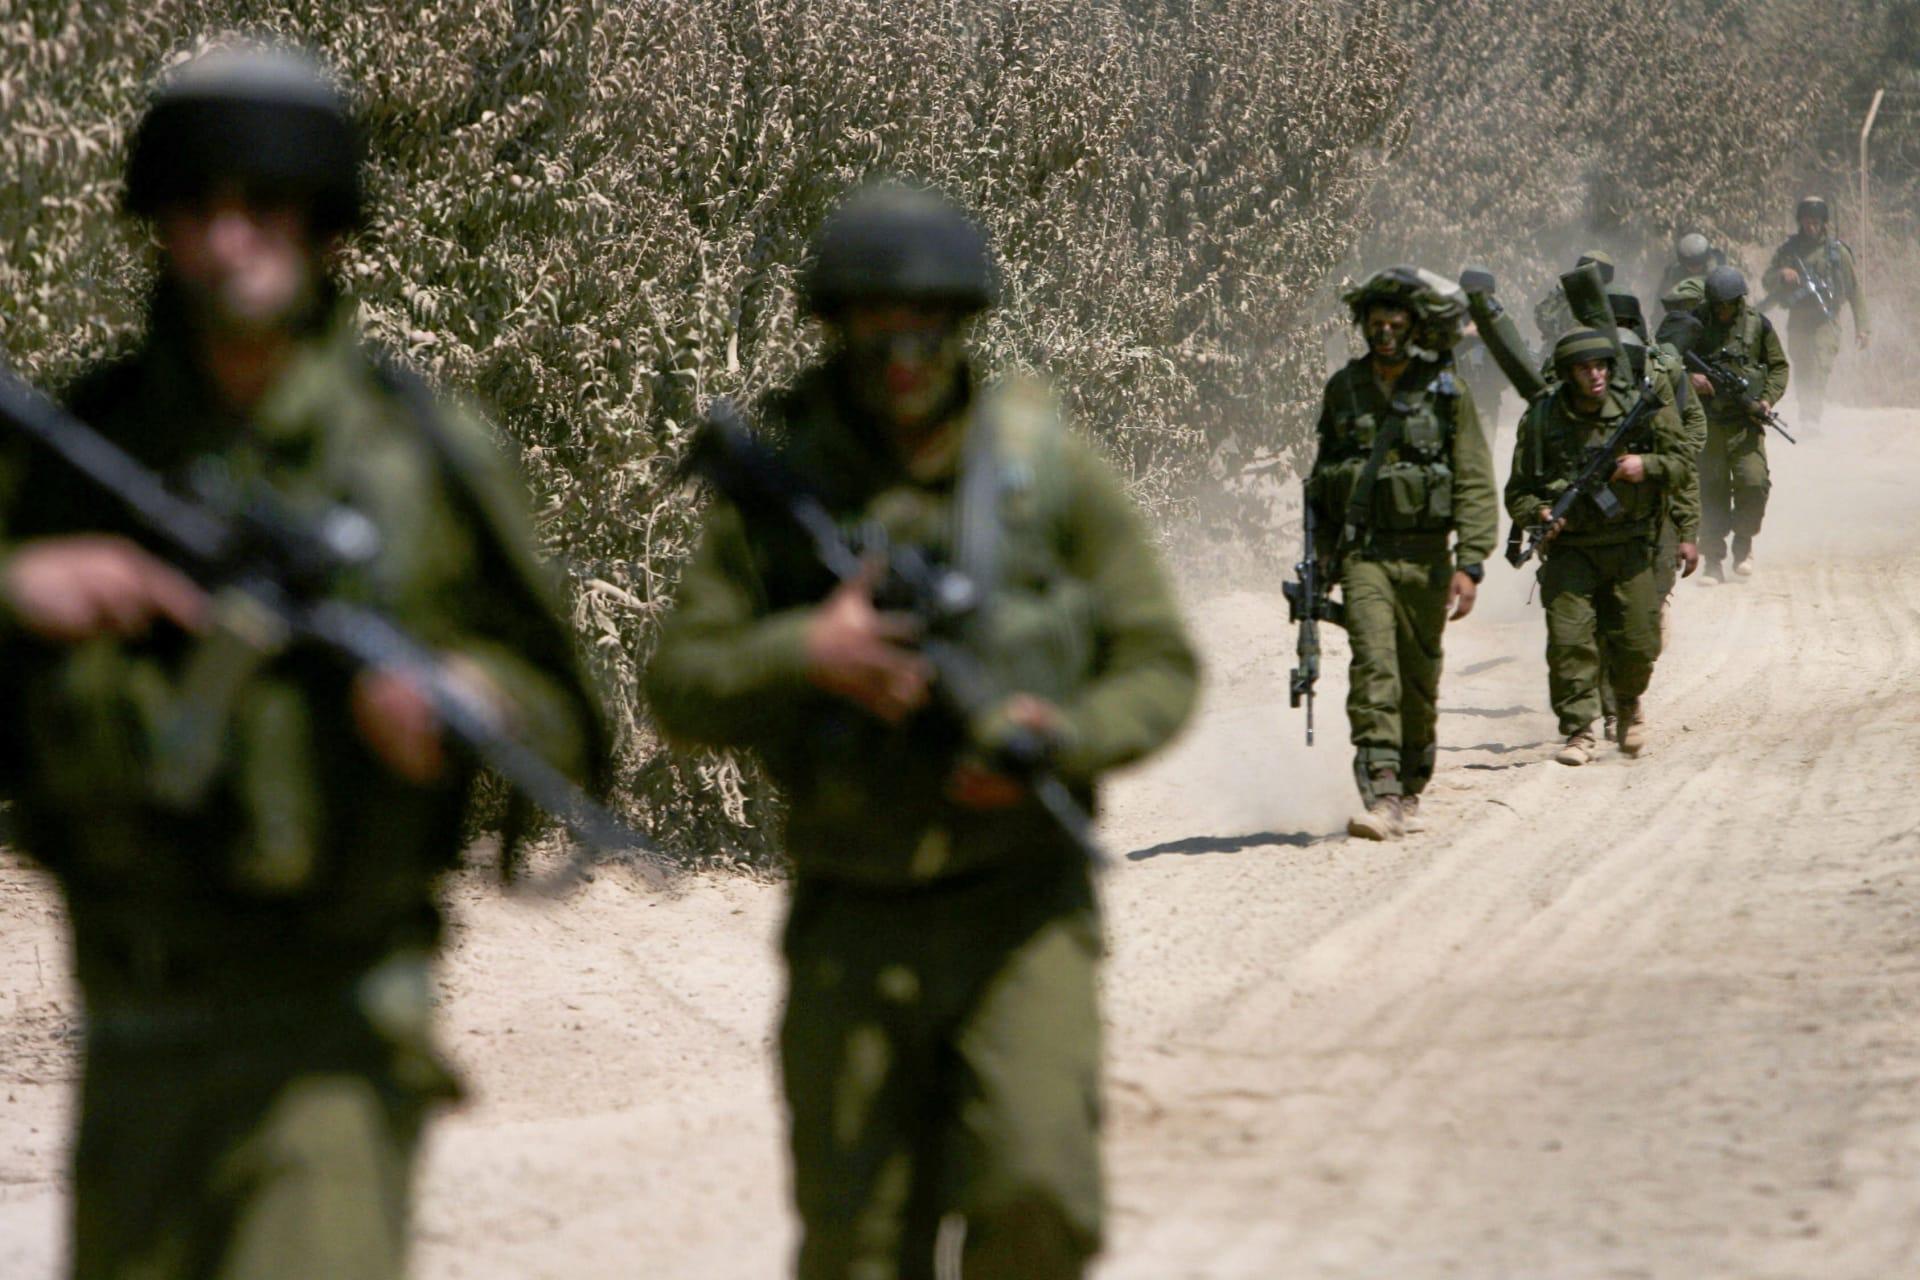 في حوار مع جريدة سعودية.. المتحدث باسم الجيش الإسرائيلي: نتوقع هجمات إيرانية من هذه الدول